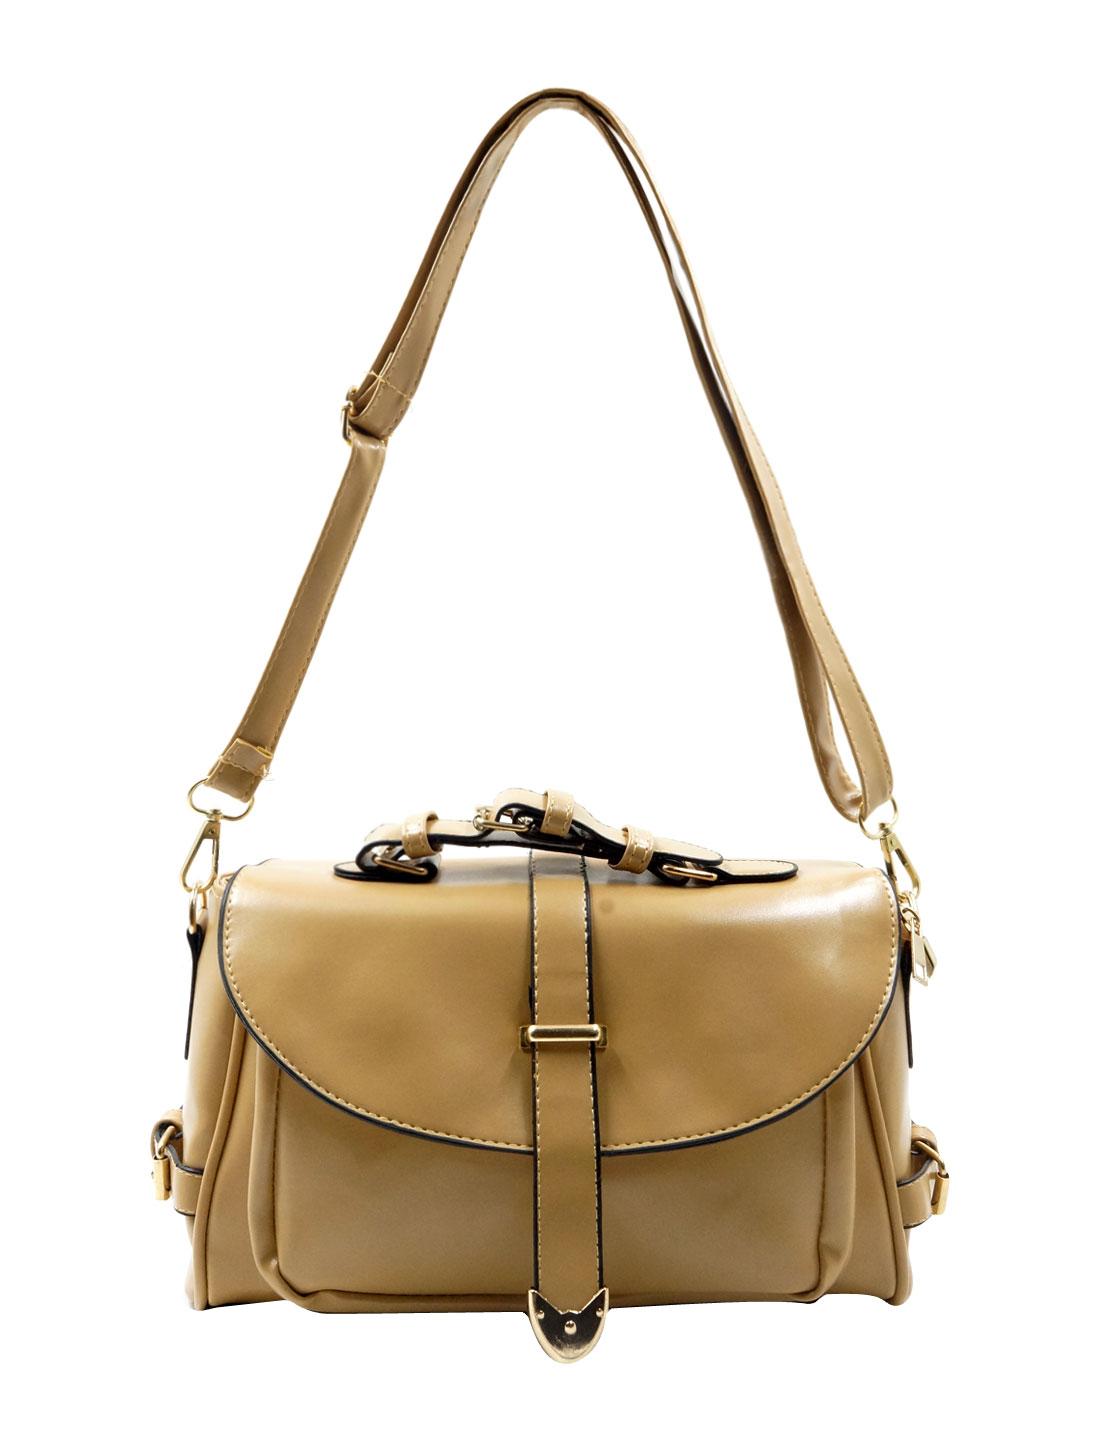 Woman Imiatation Leather Fashion Clutch Crossbody Shoulder Bag Khaki